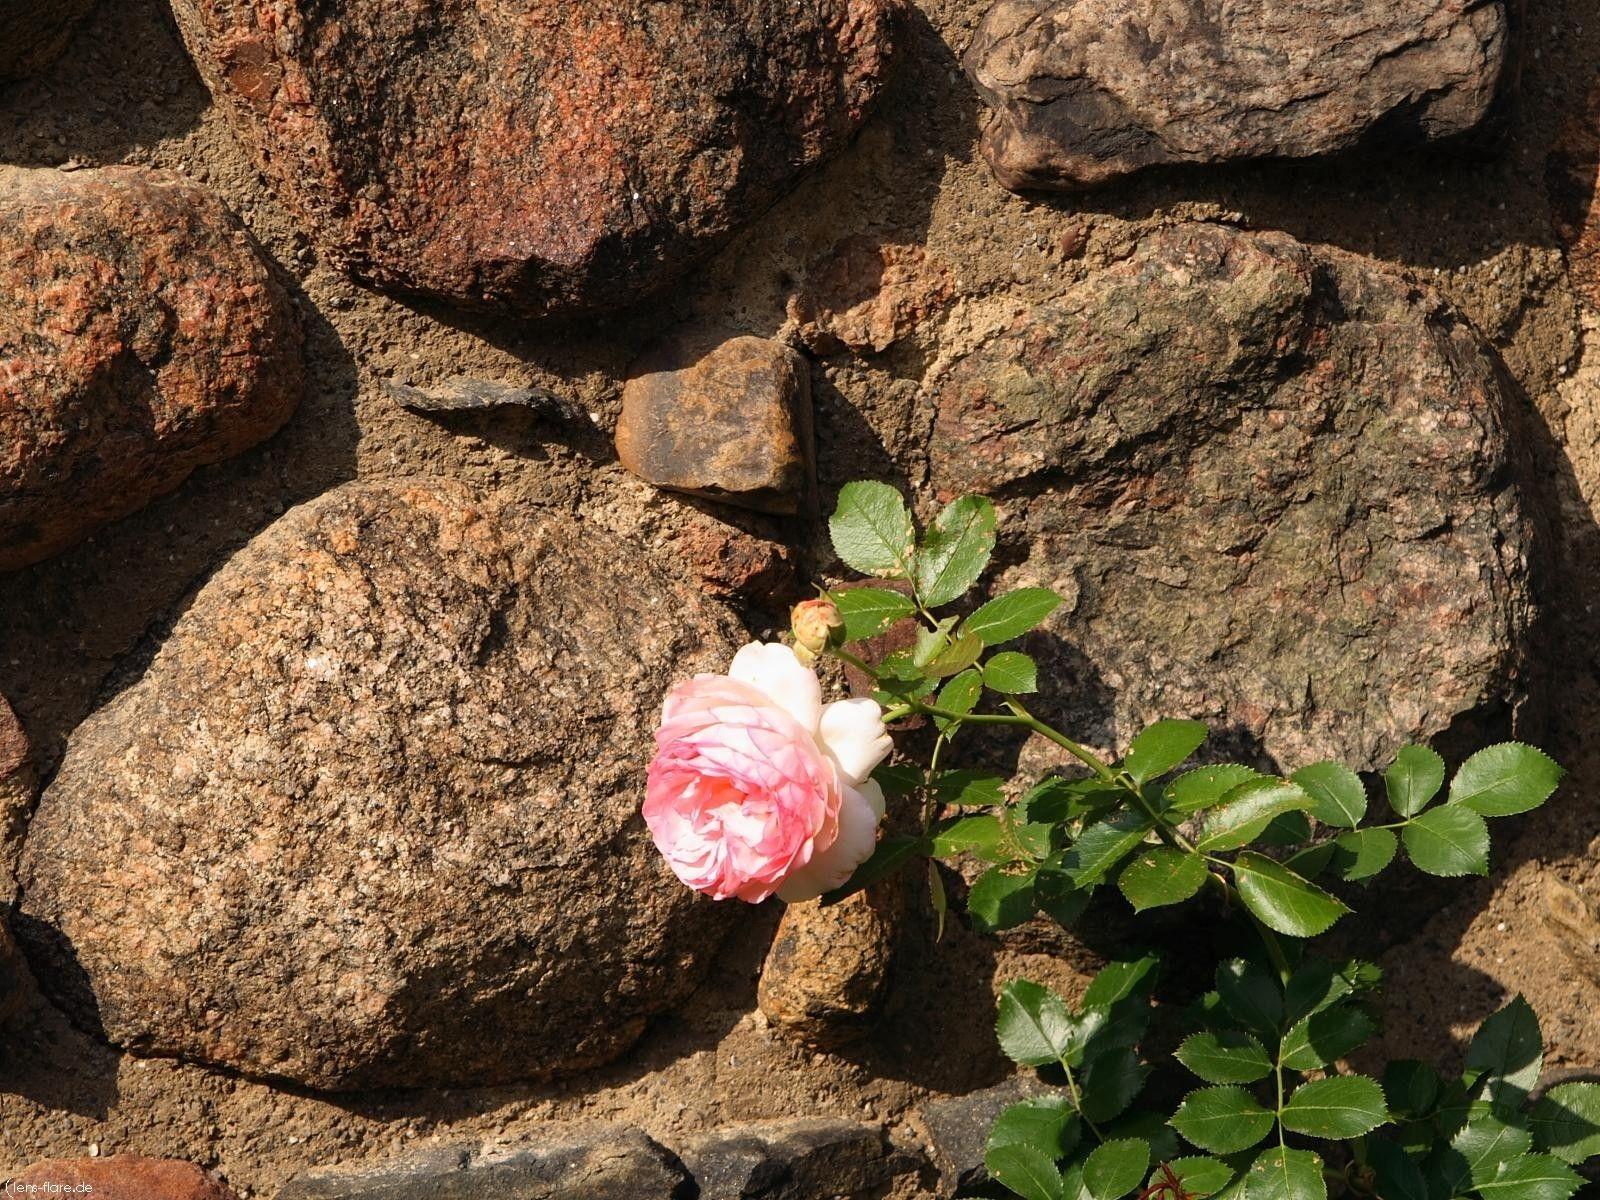 более узком картинки каменного цветочками ножки зеленых бежевых